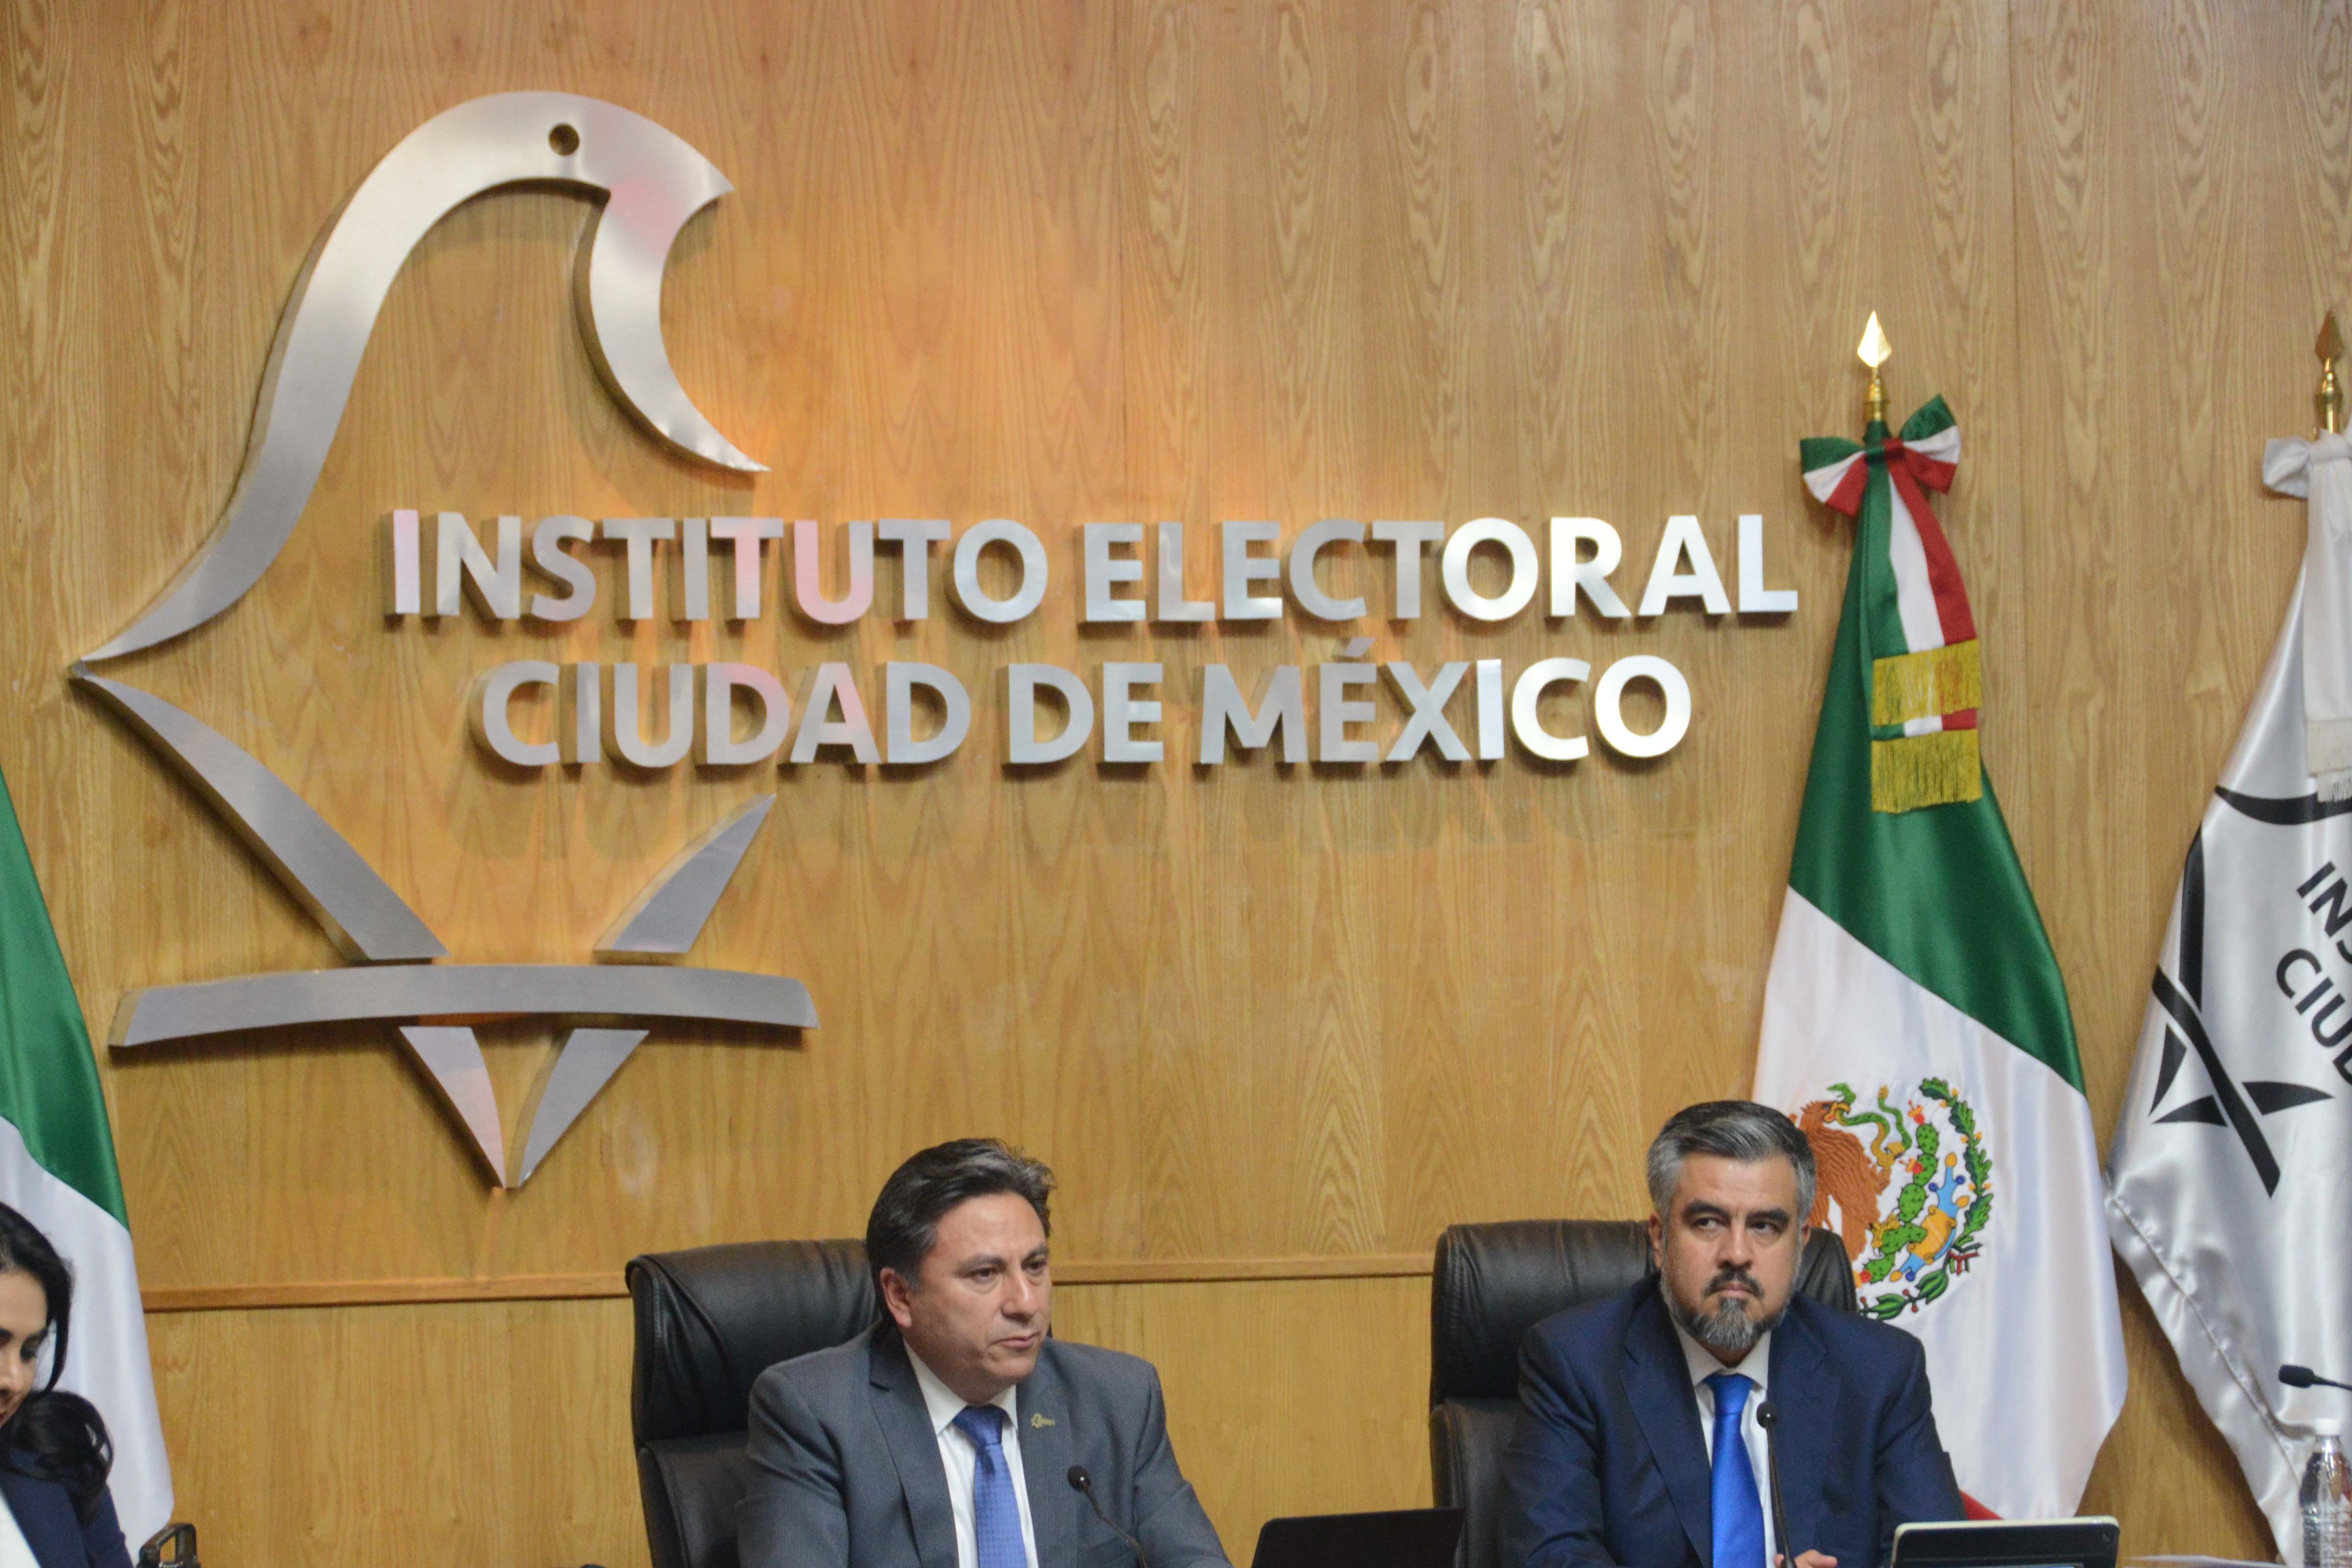 Destaca Consejero Presidente retos y logros de IECM en año previo a elecciones